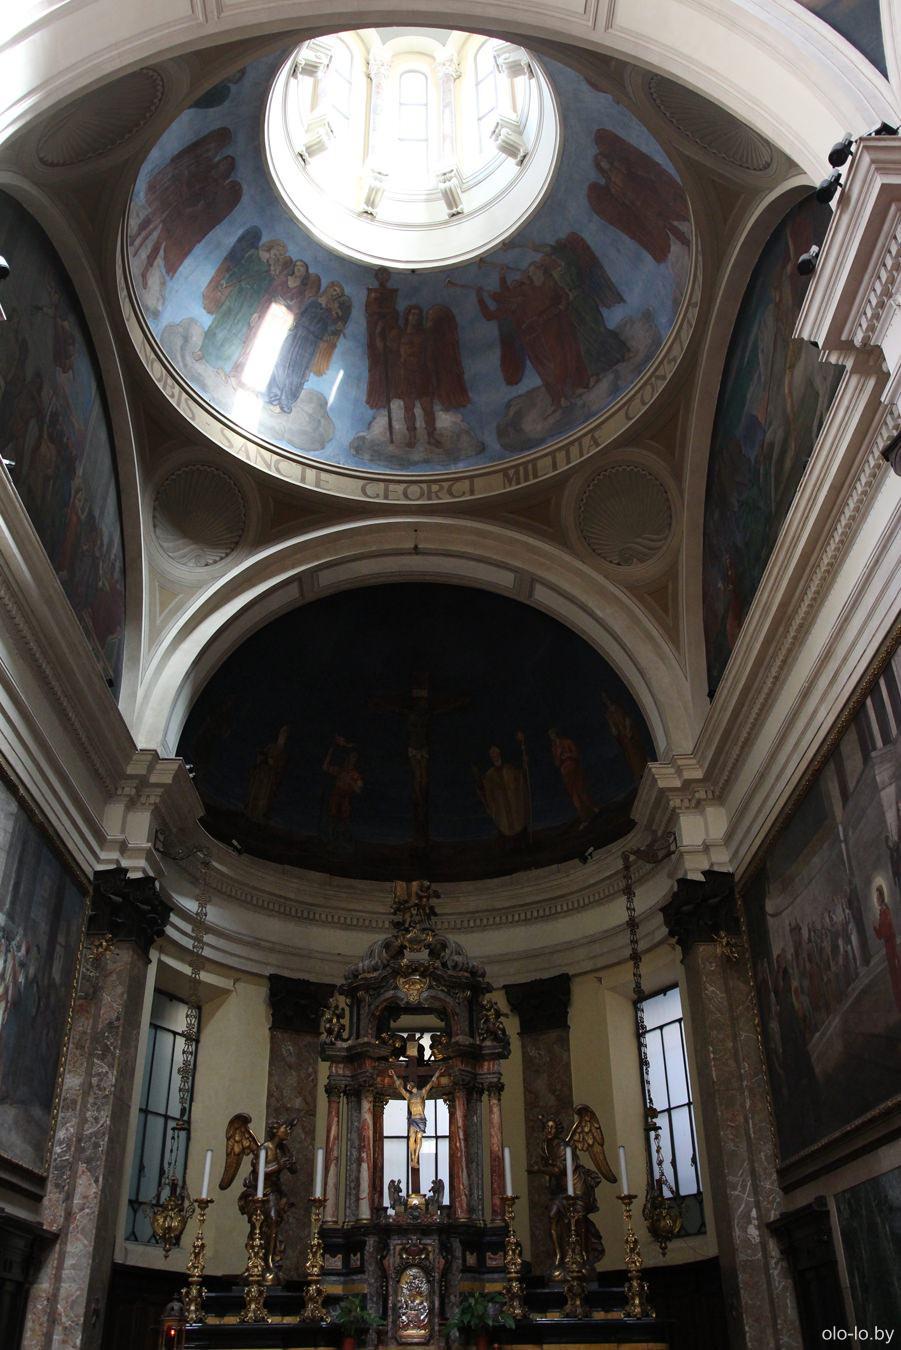 Церковь Сан-Джорджо аль Палаццо, Милан